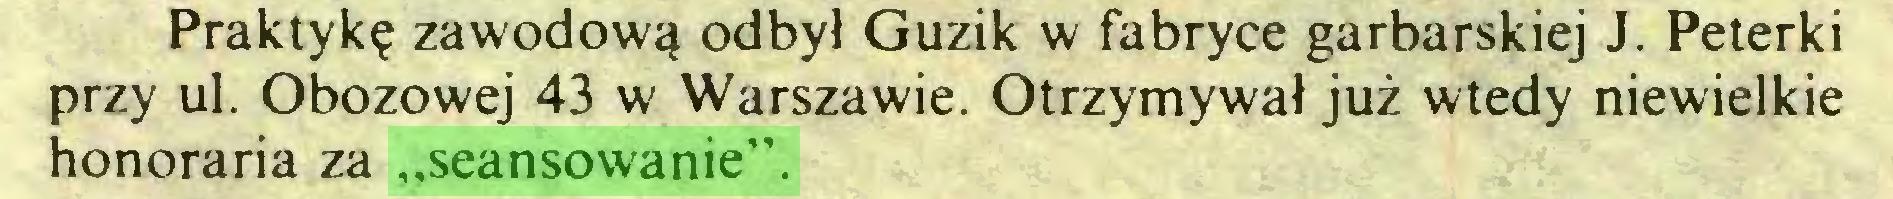 """(...) Praktykę zawodową odbył Guzik w fabryce garbarskiej J. Peterki przy ul. Obozowej 43 w Warszawie. Otrzymywał już wtedy niewielkie honoraria za """"seansowanie""""..."""